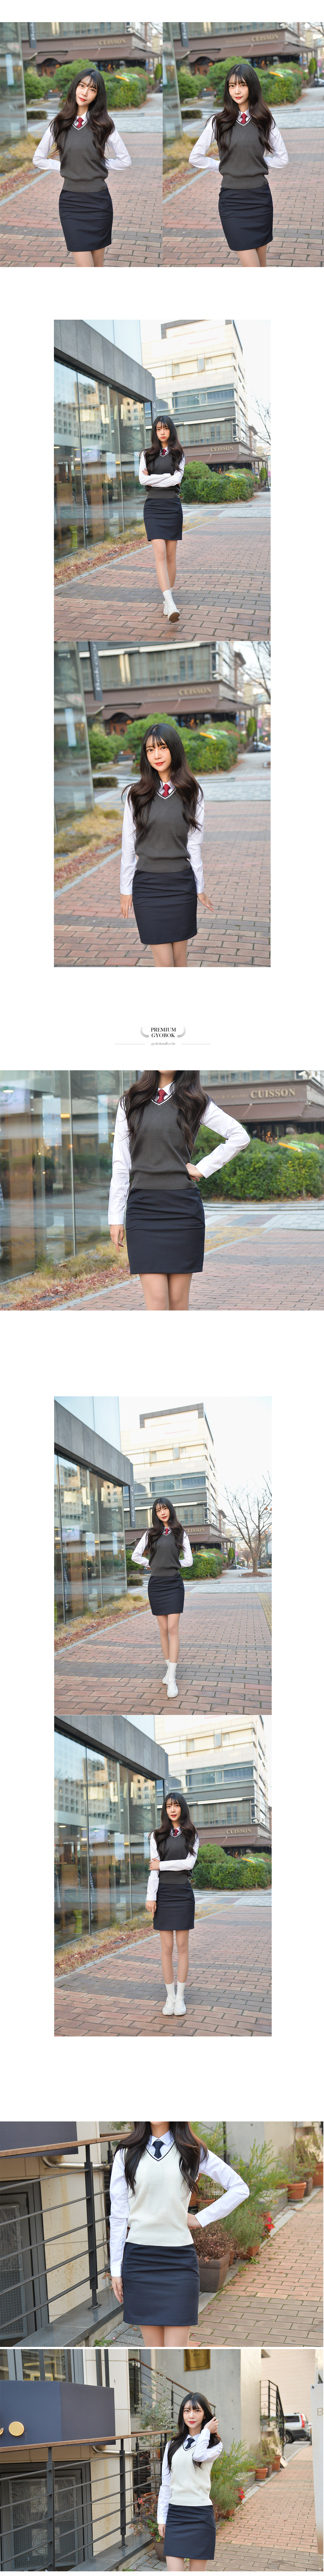 [허리조절] 스판 네이비 교복치마 교복 스커트 - 교복몰, 37,400원, 여성 스쿨룩, 하의